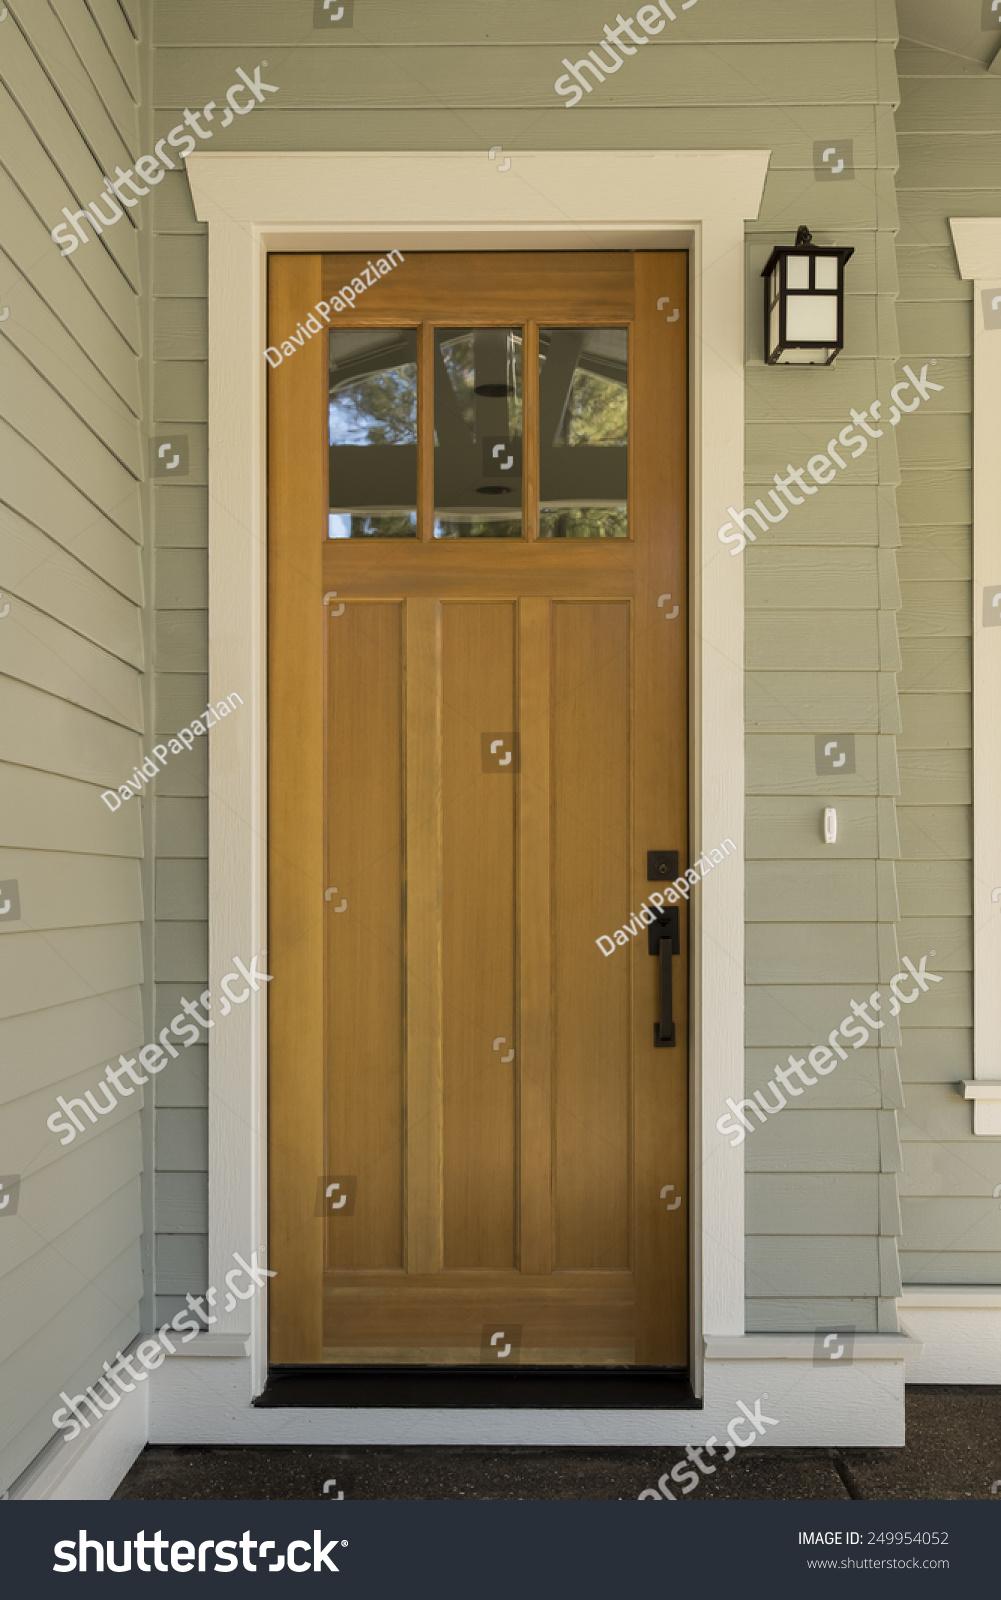 natural wood front door surrounding white stock photo 249954052 natural wood front door with surrounding white